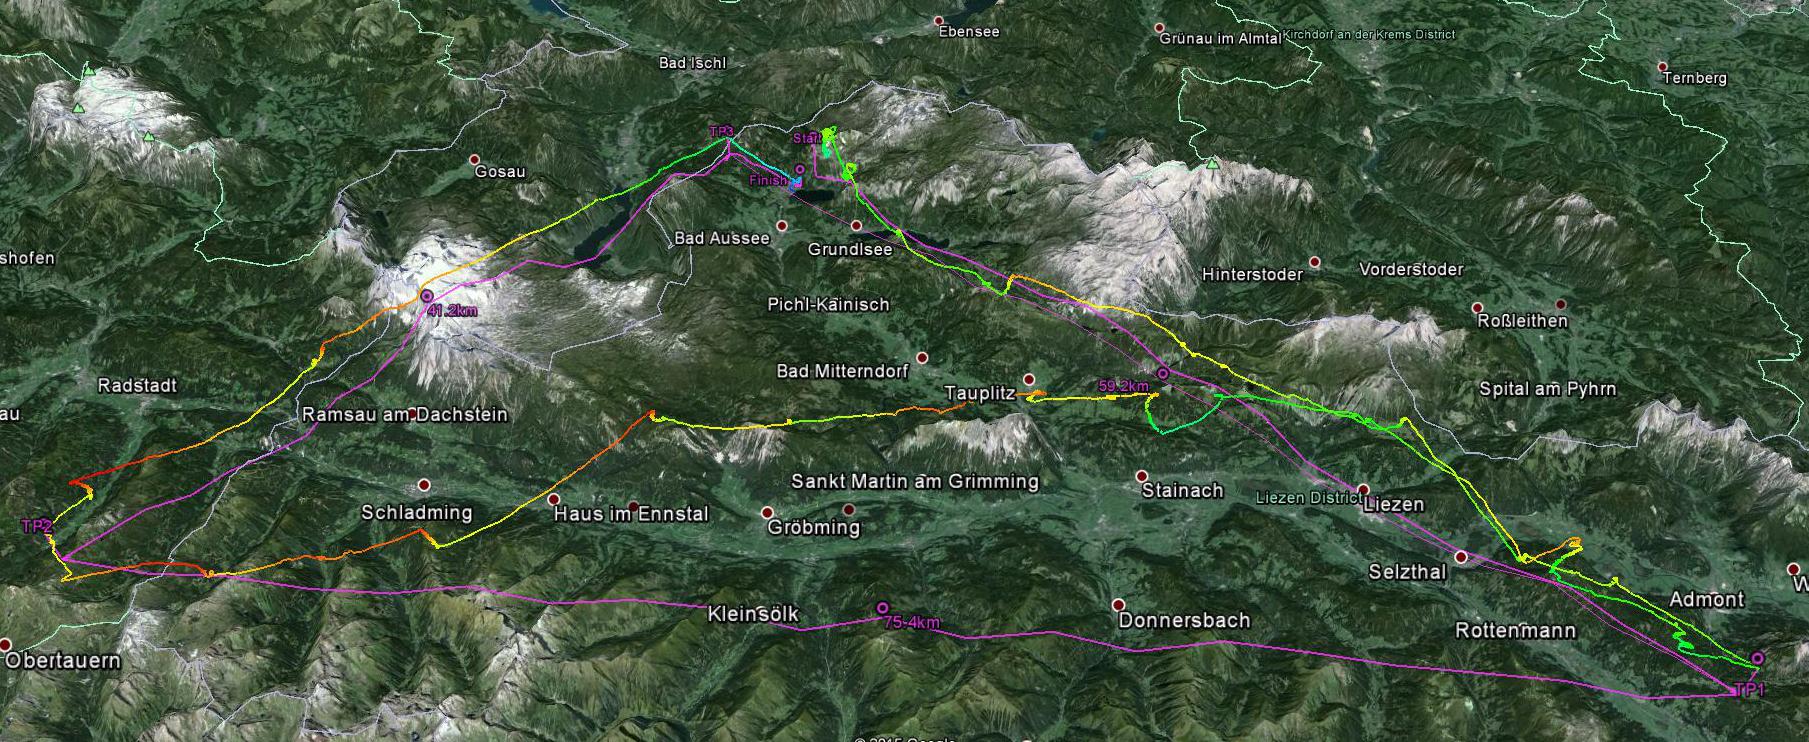 180-km-task